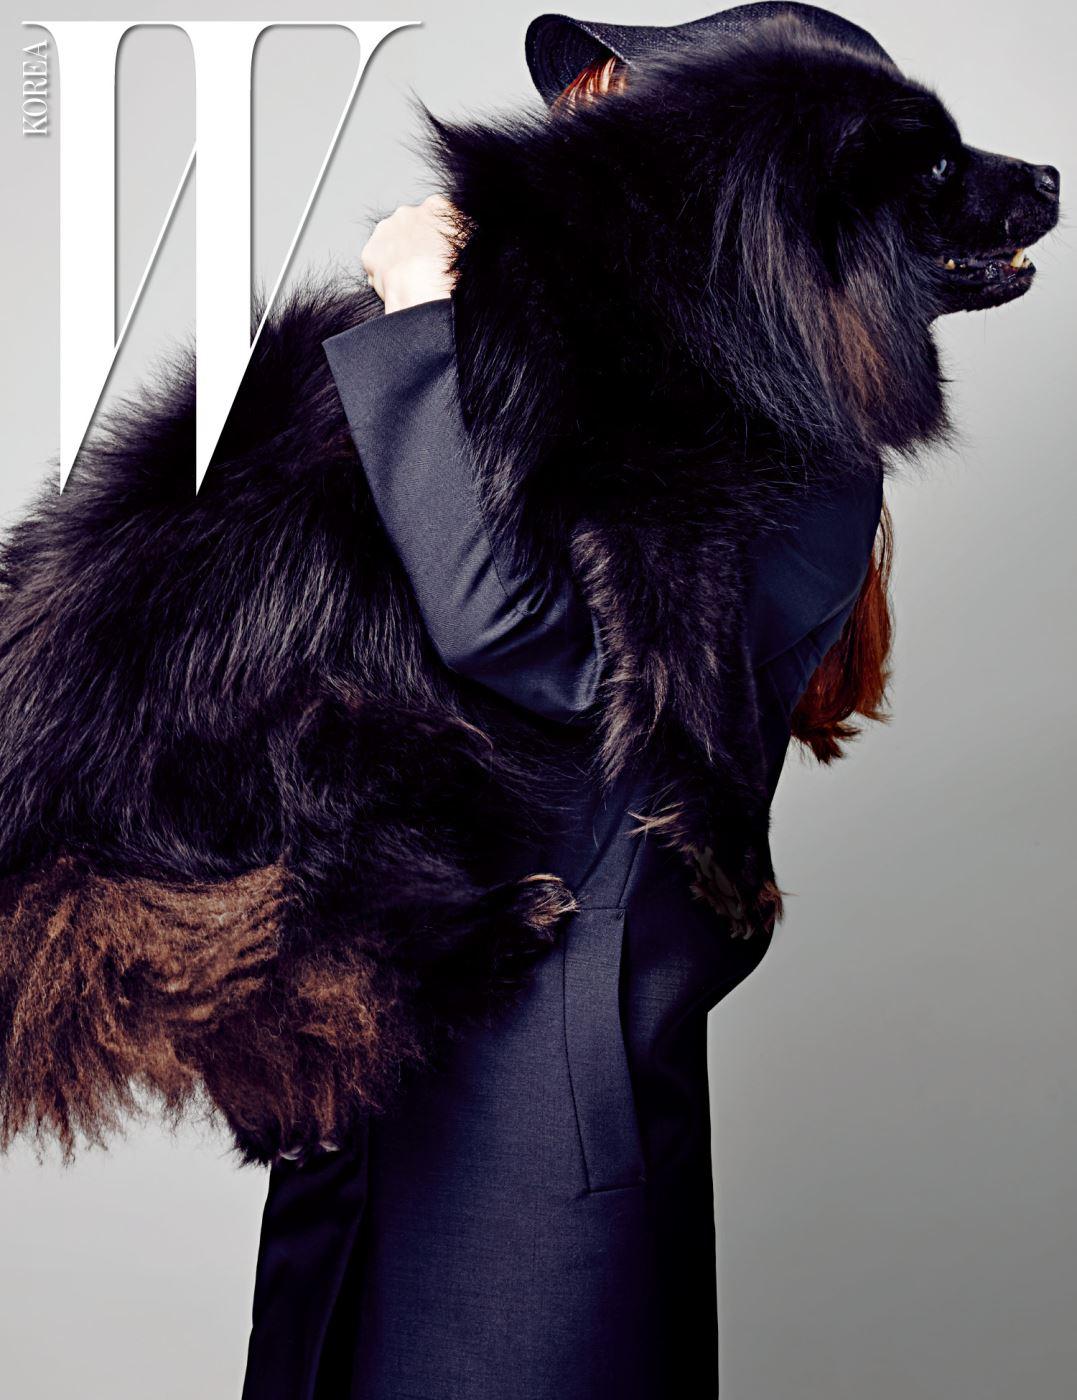 다나가 입은 검은색 테일러드 재킷은 Jil Sander 제품.